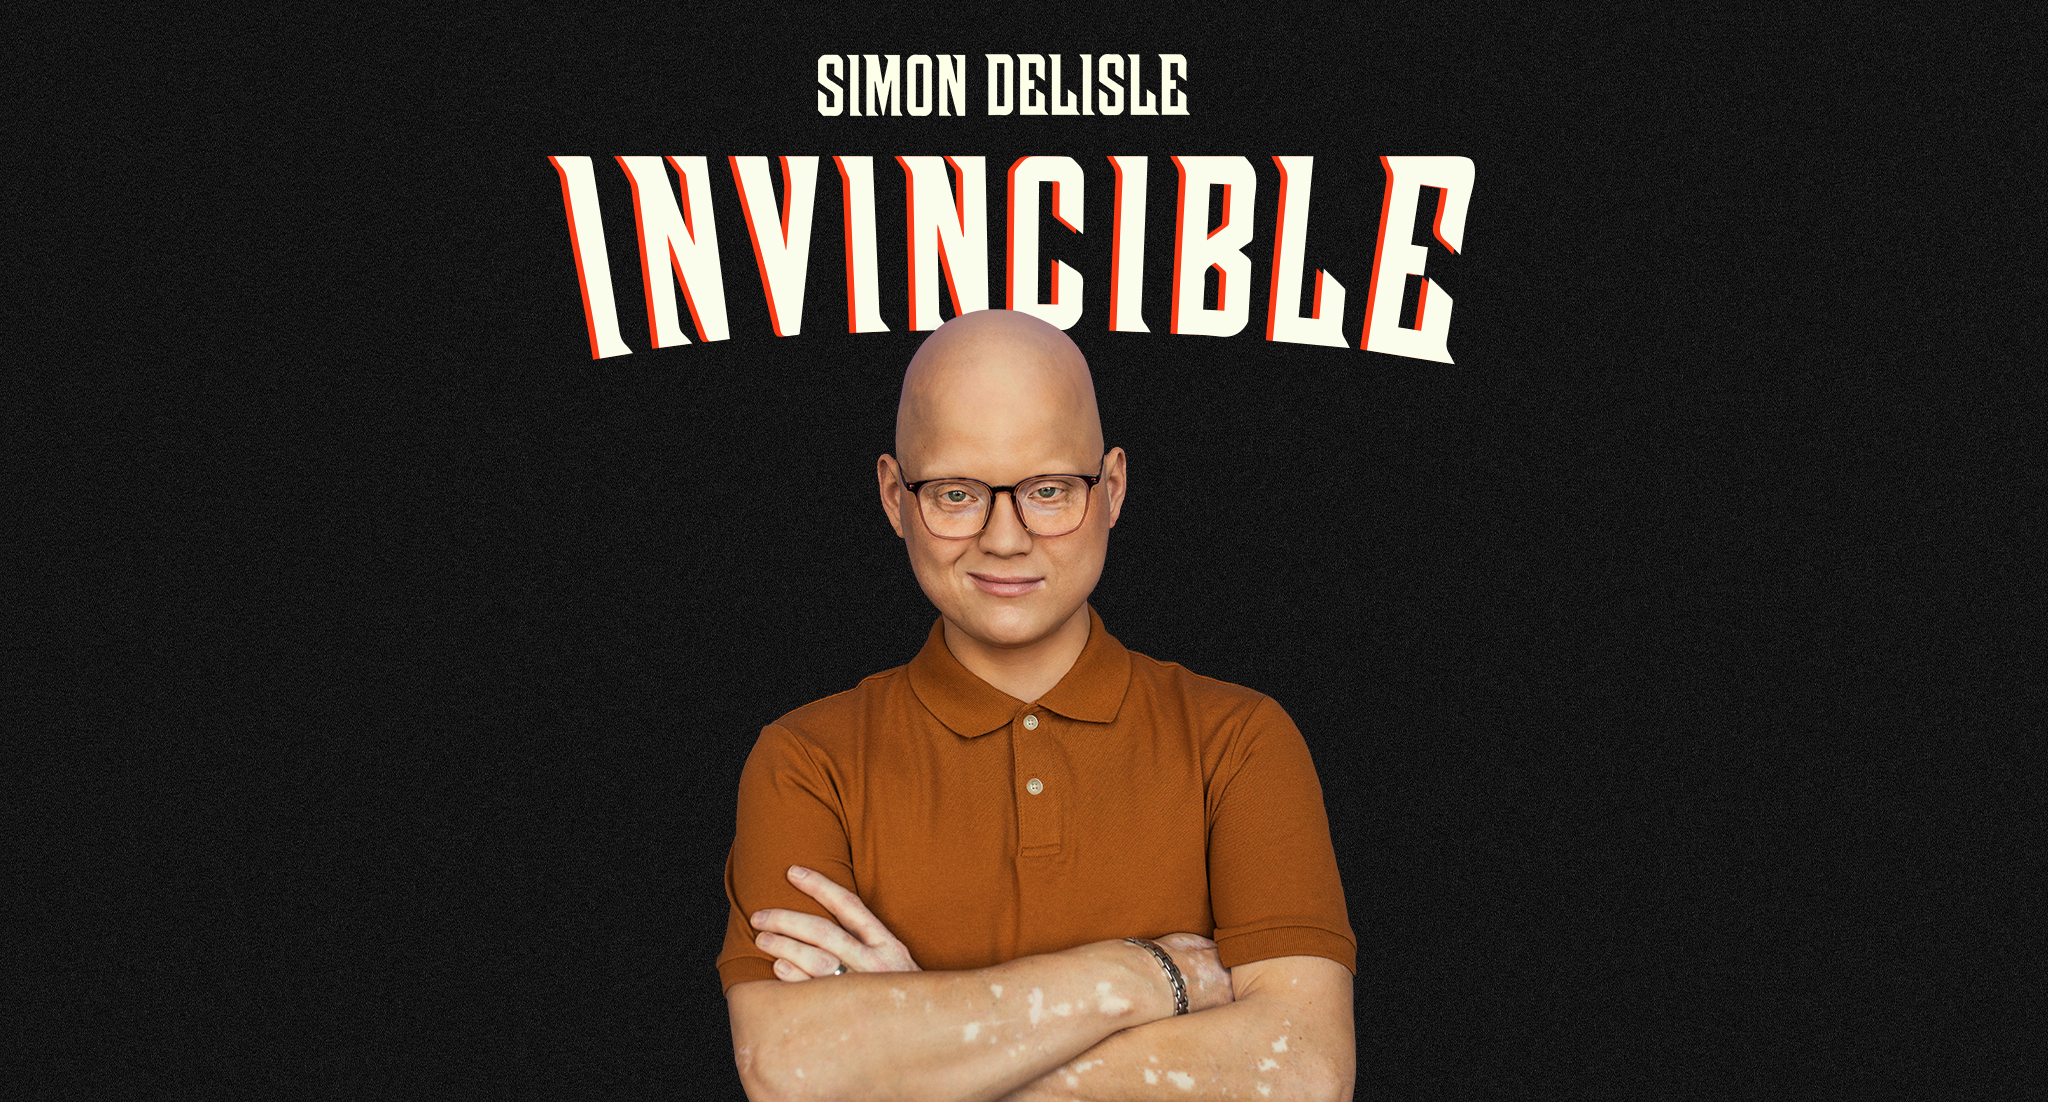 Événements - Simon Delisle Invincible